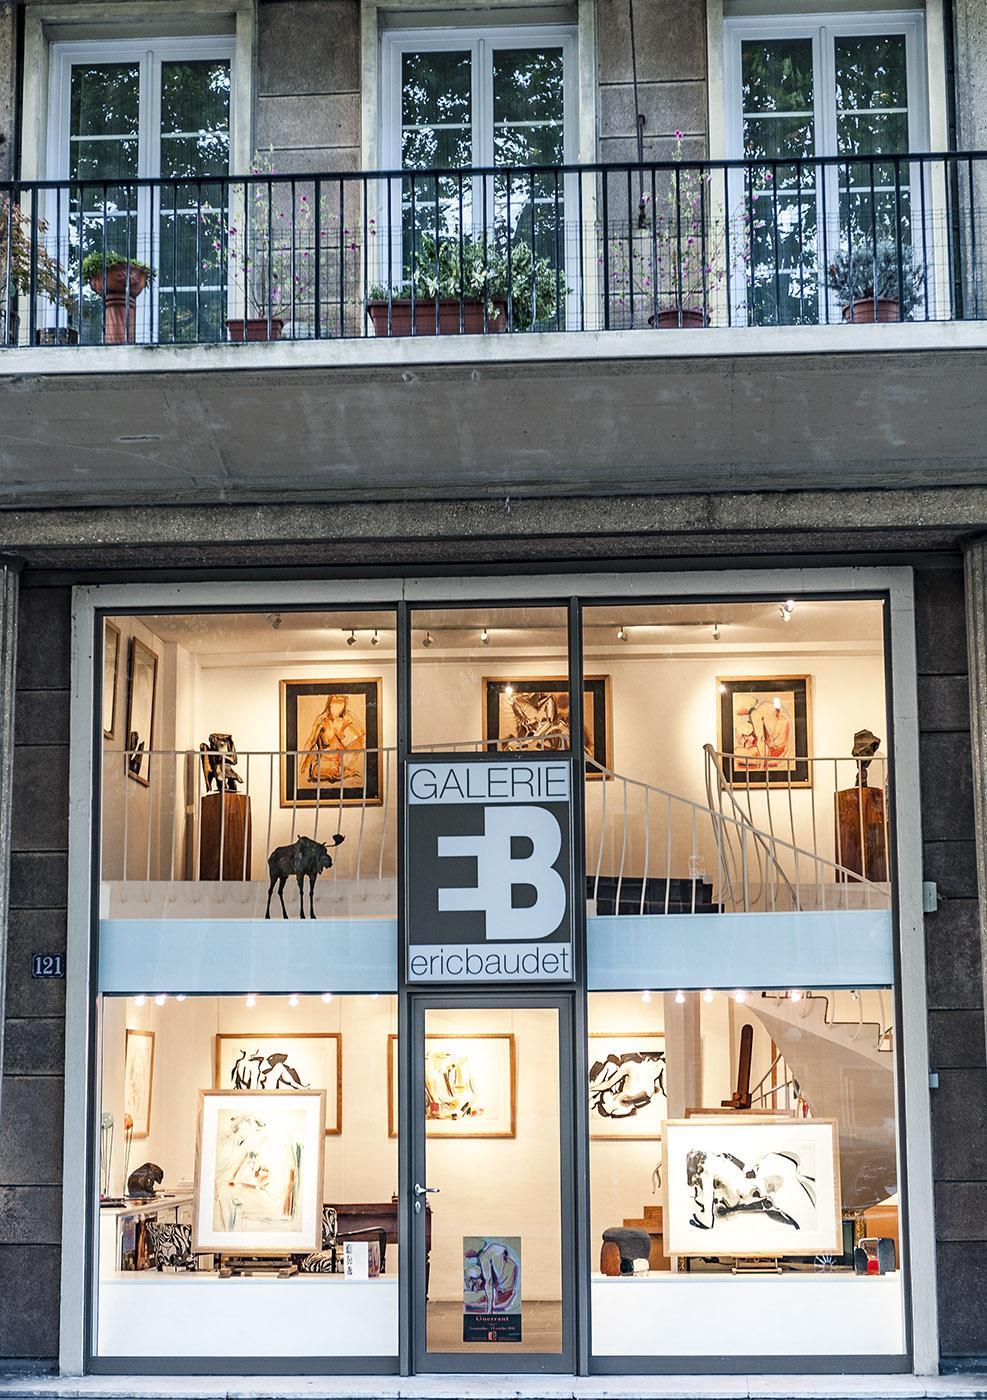 Galerie Eric Baudet. Foto: Hilke Maunder